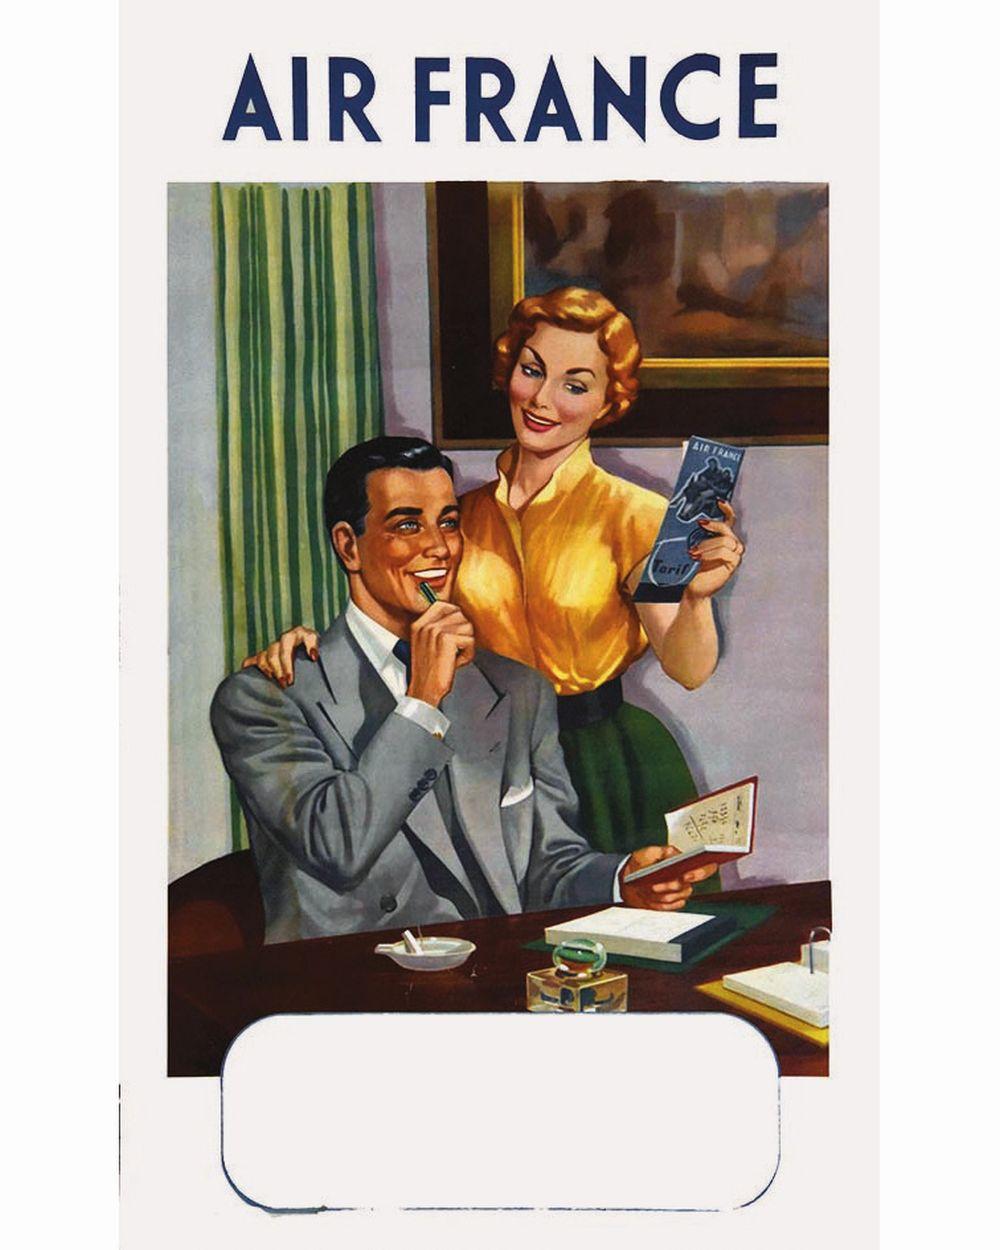 EILFA MARCO - Air France     vers 1950